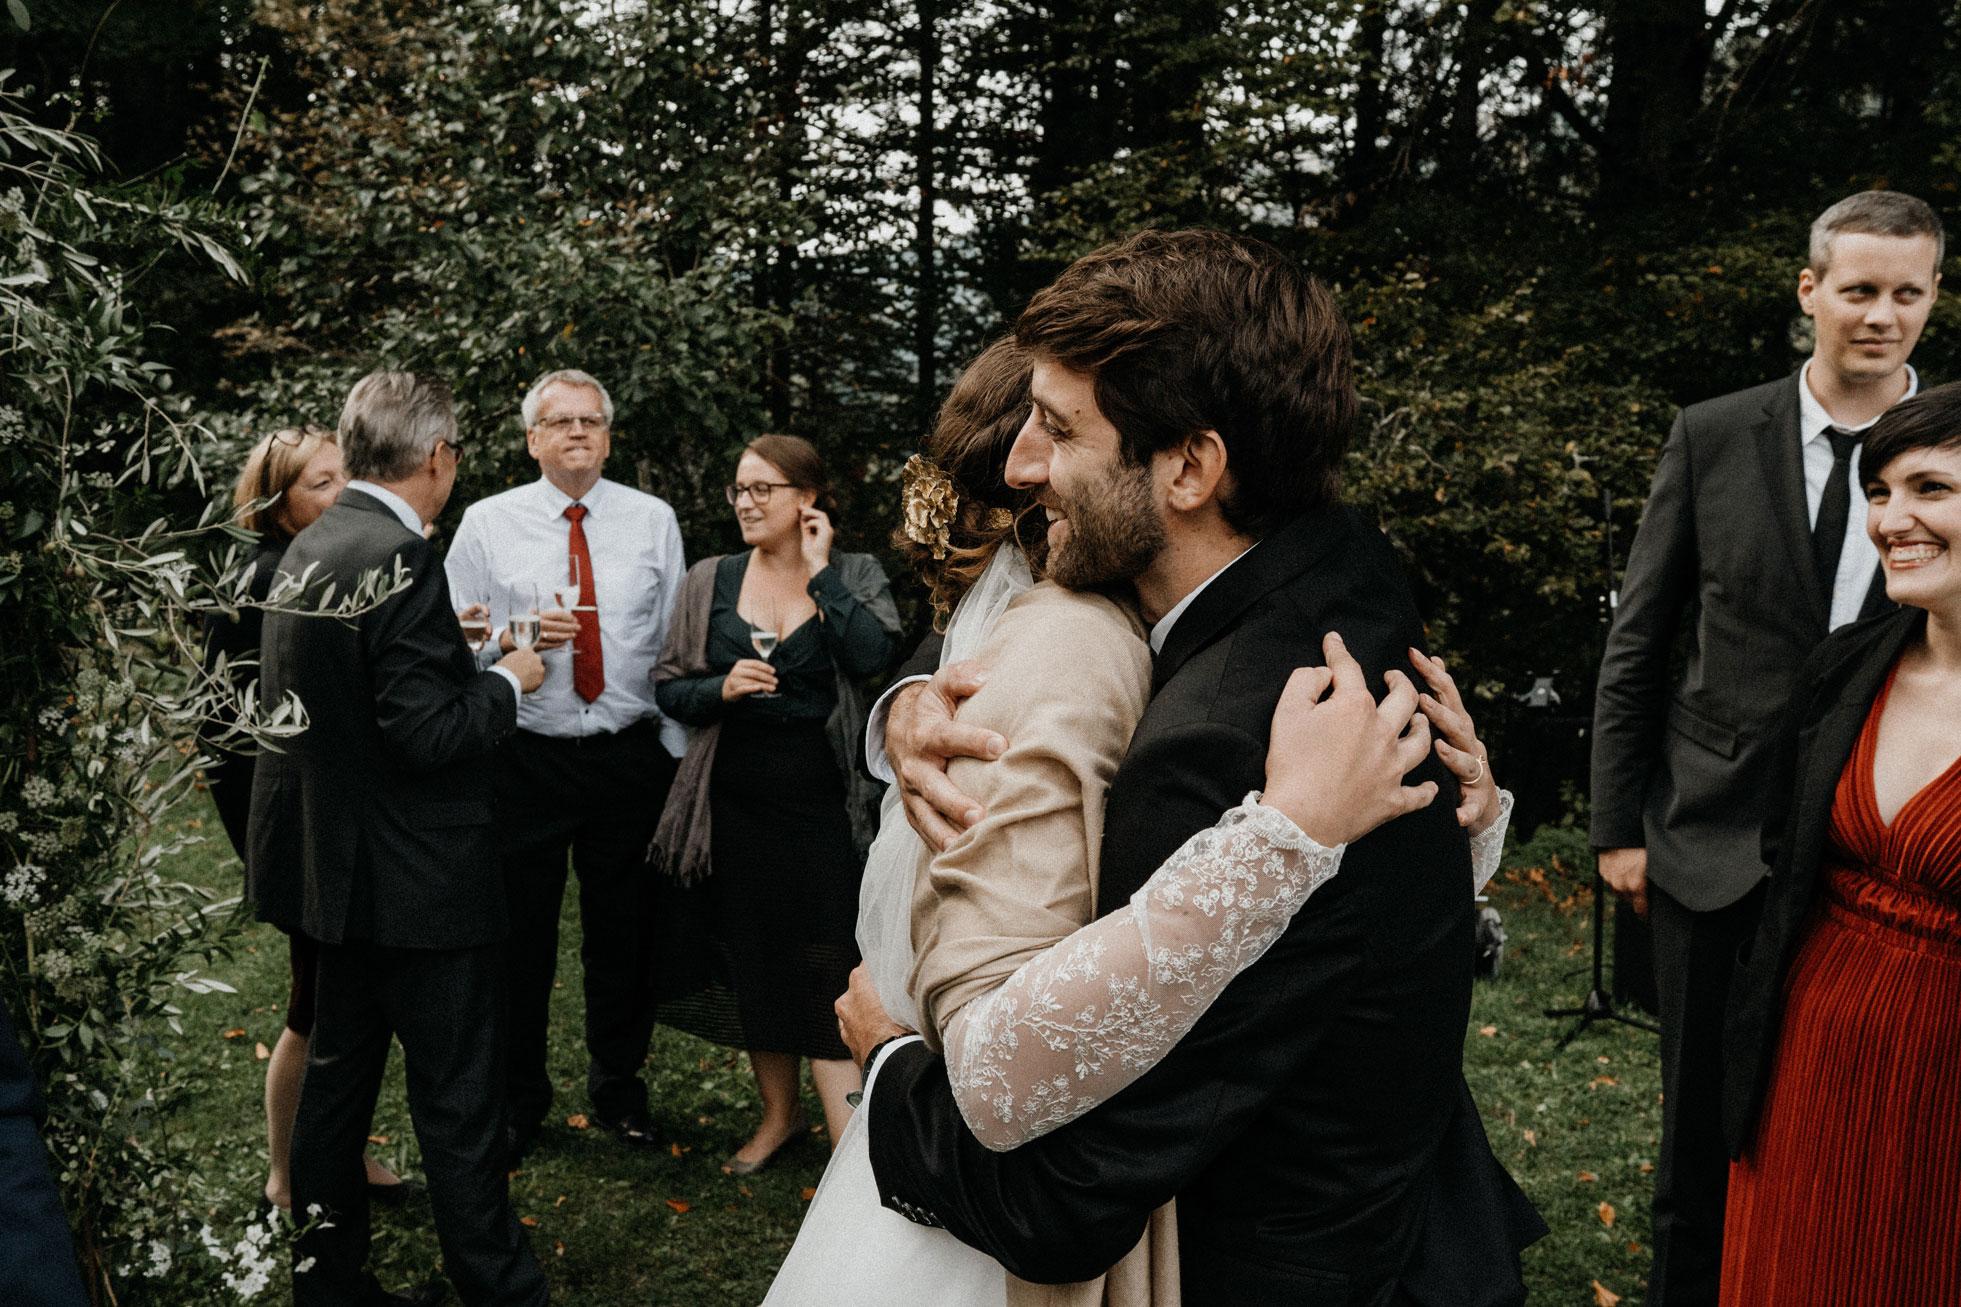 Hochzeit_Claire_Manuel_Villa_Maund_Daniel_Jenny-271.jpg